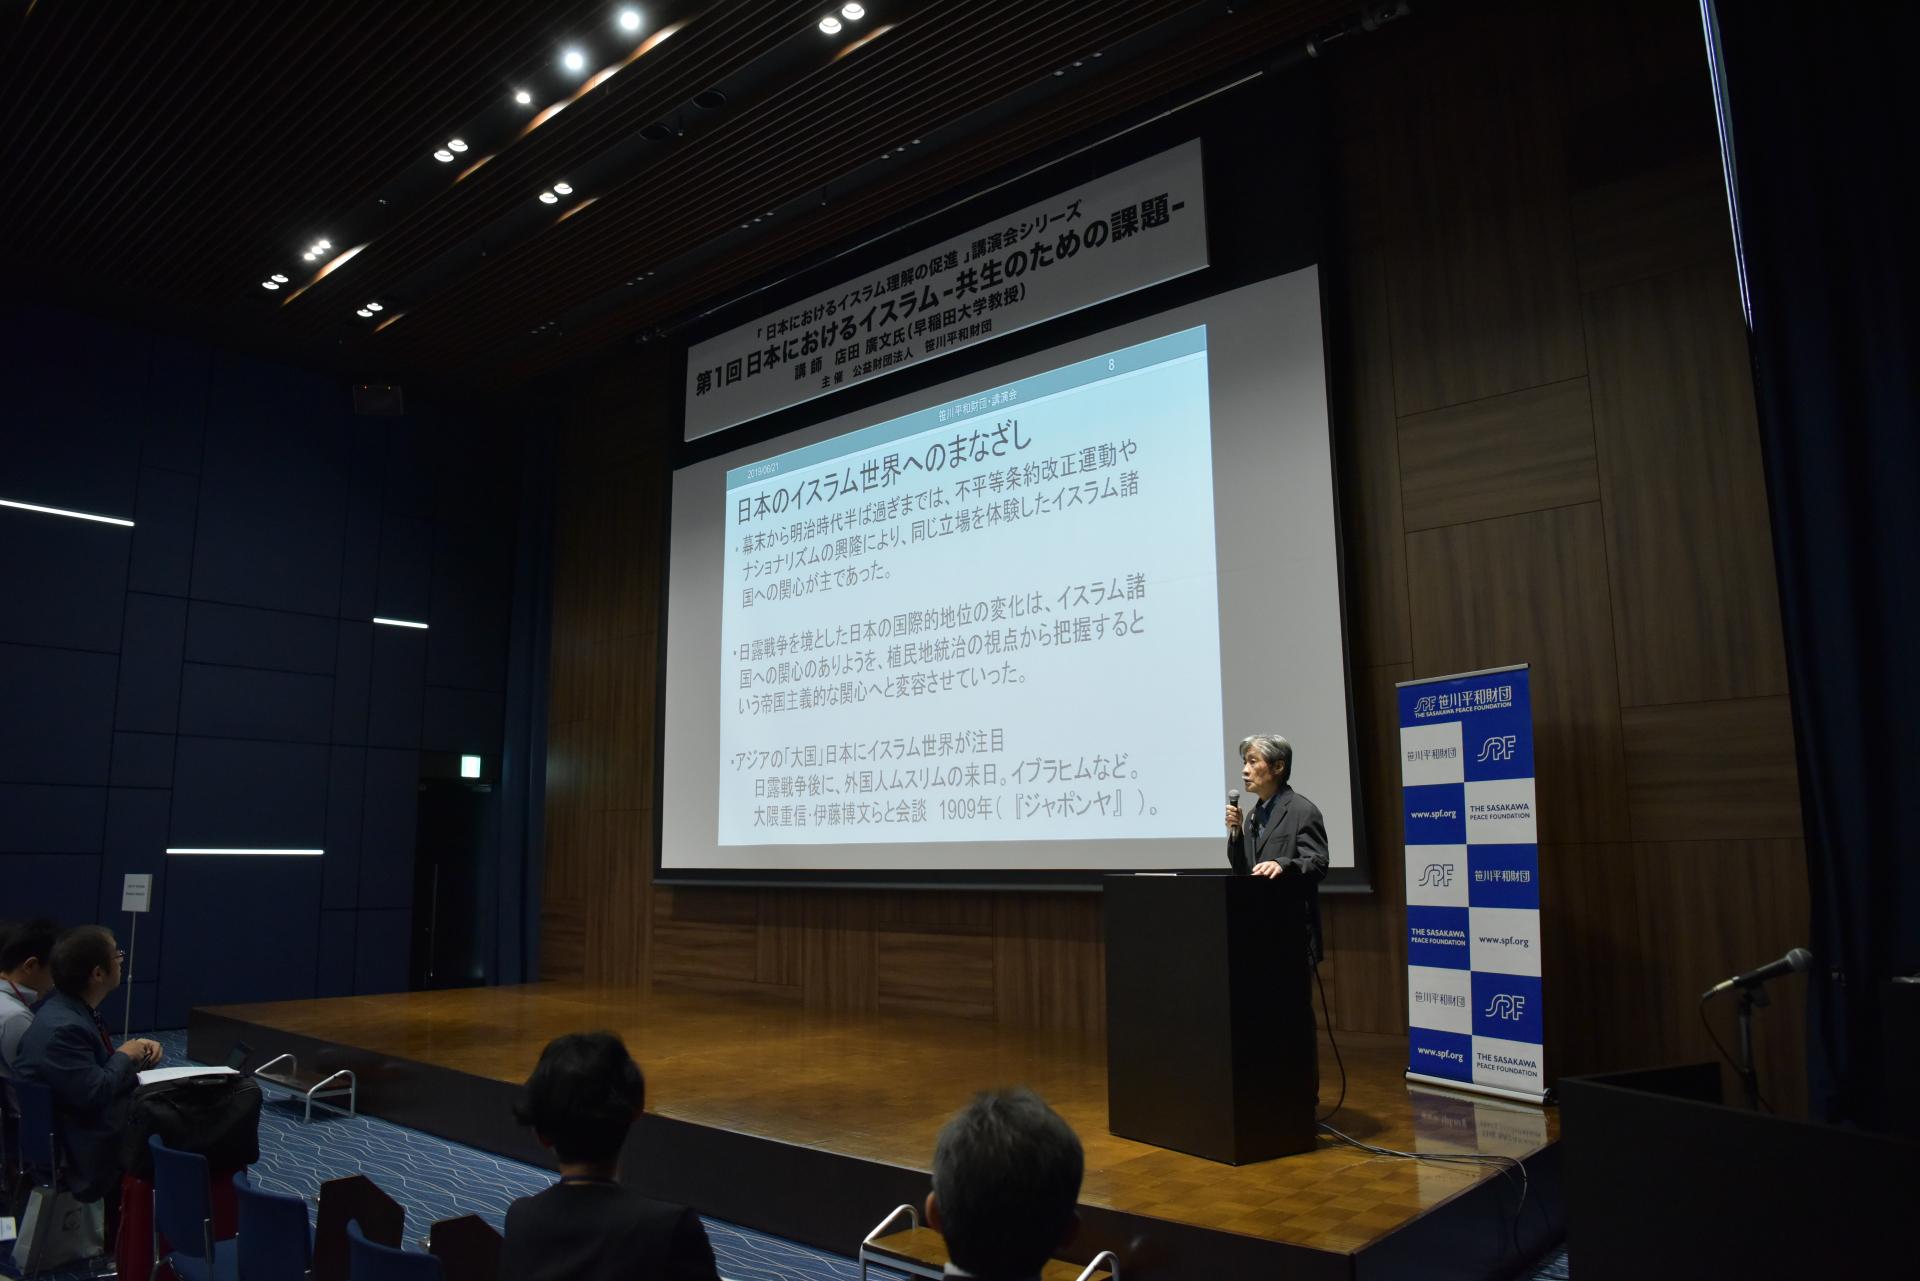 「日本におけるイスラム理解の促進」講演会シリーズ第1回「日本におけるイスラム-共生のための課題-」